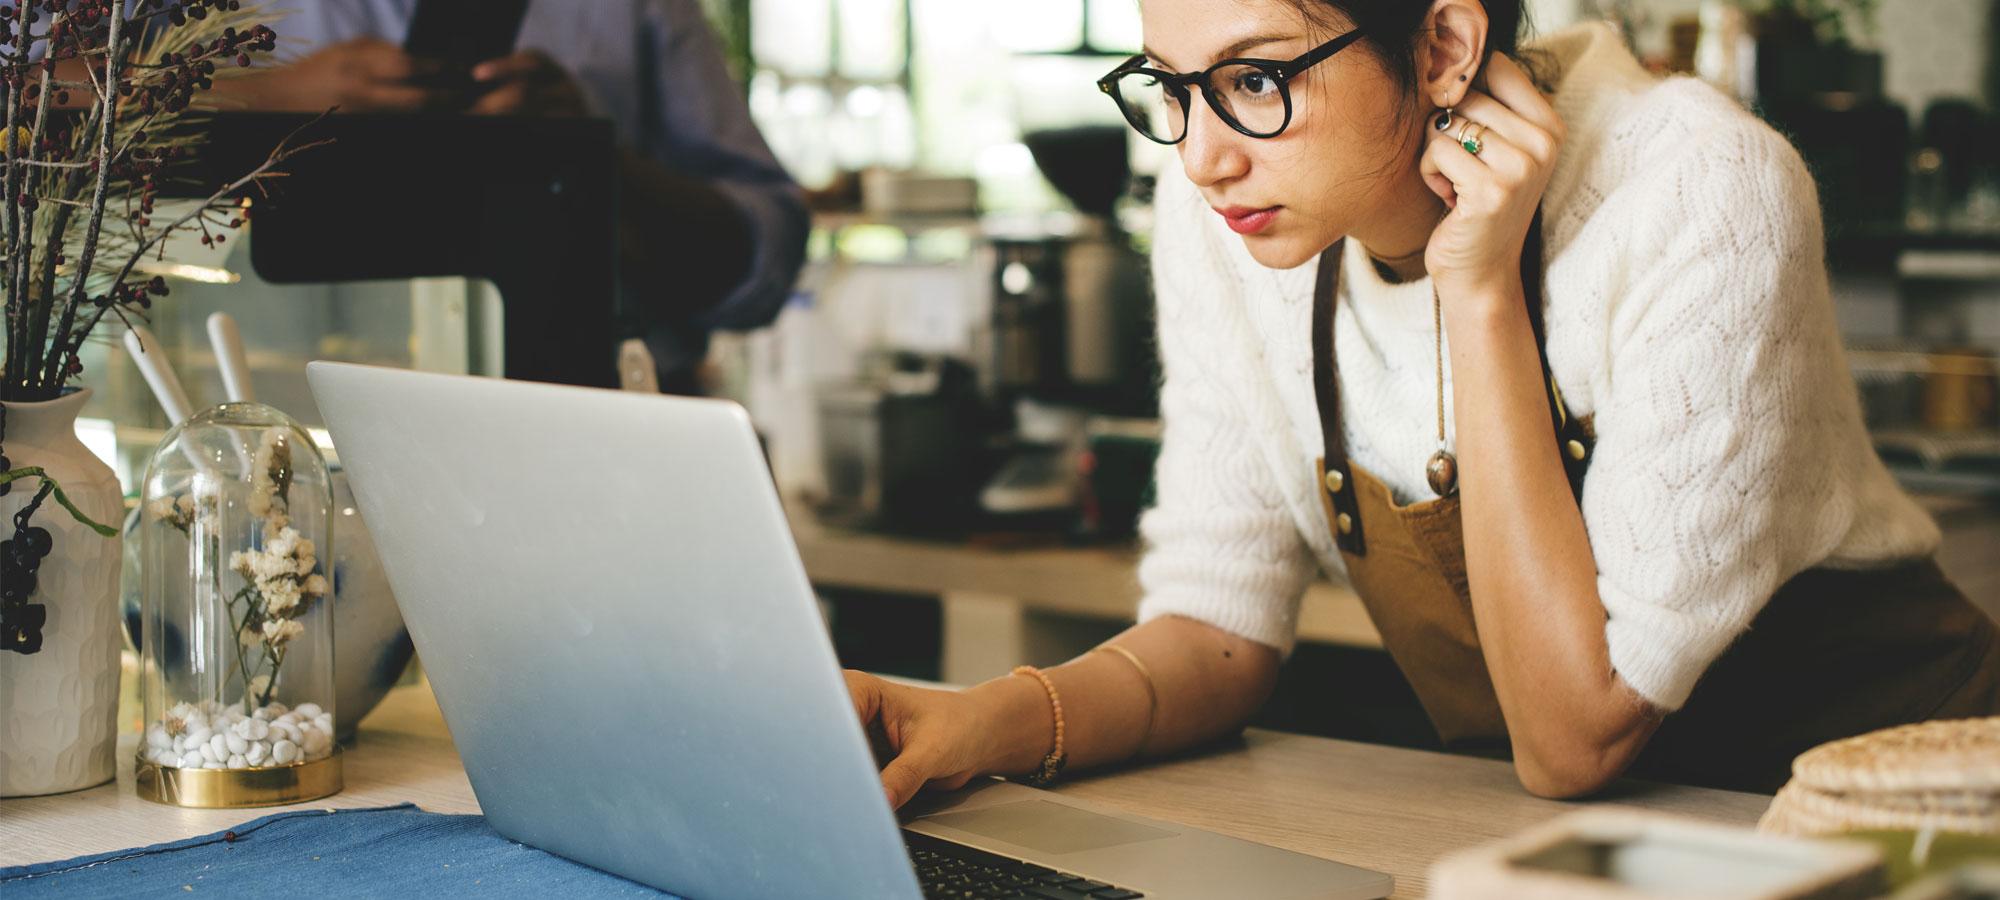 Kvinne som jobber i kafé bruker laptop